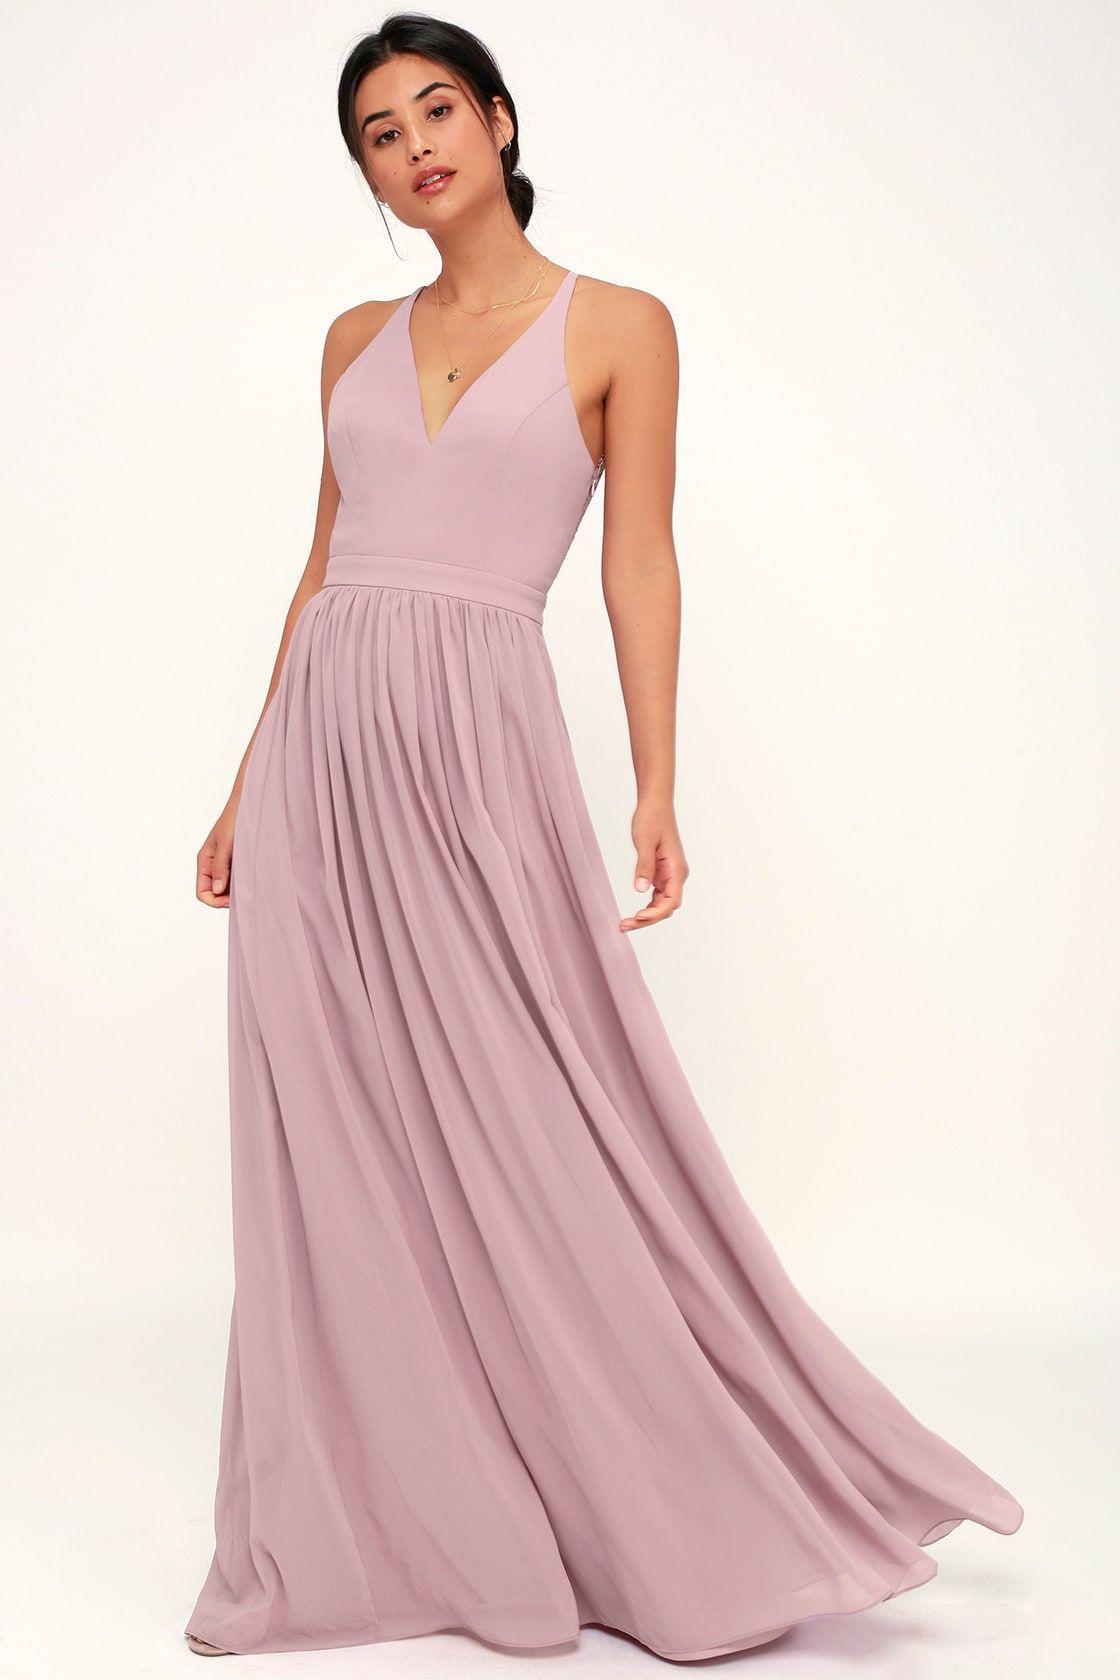 721282226f Stunning Lace-Back Maxi Dress - Dusty Lavender Dress - Maxi Dress